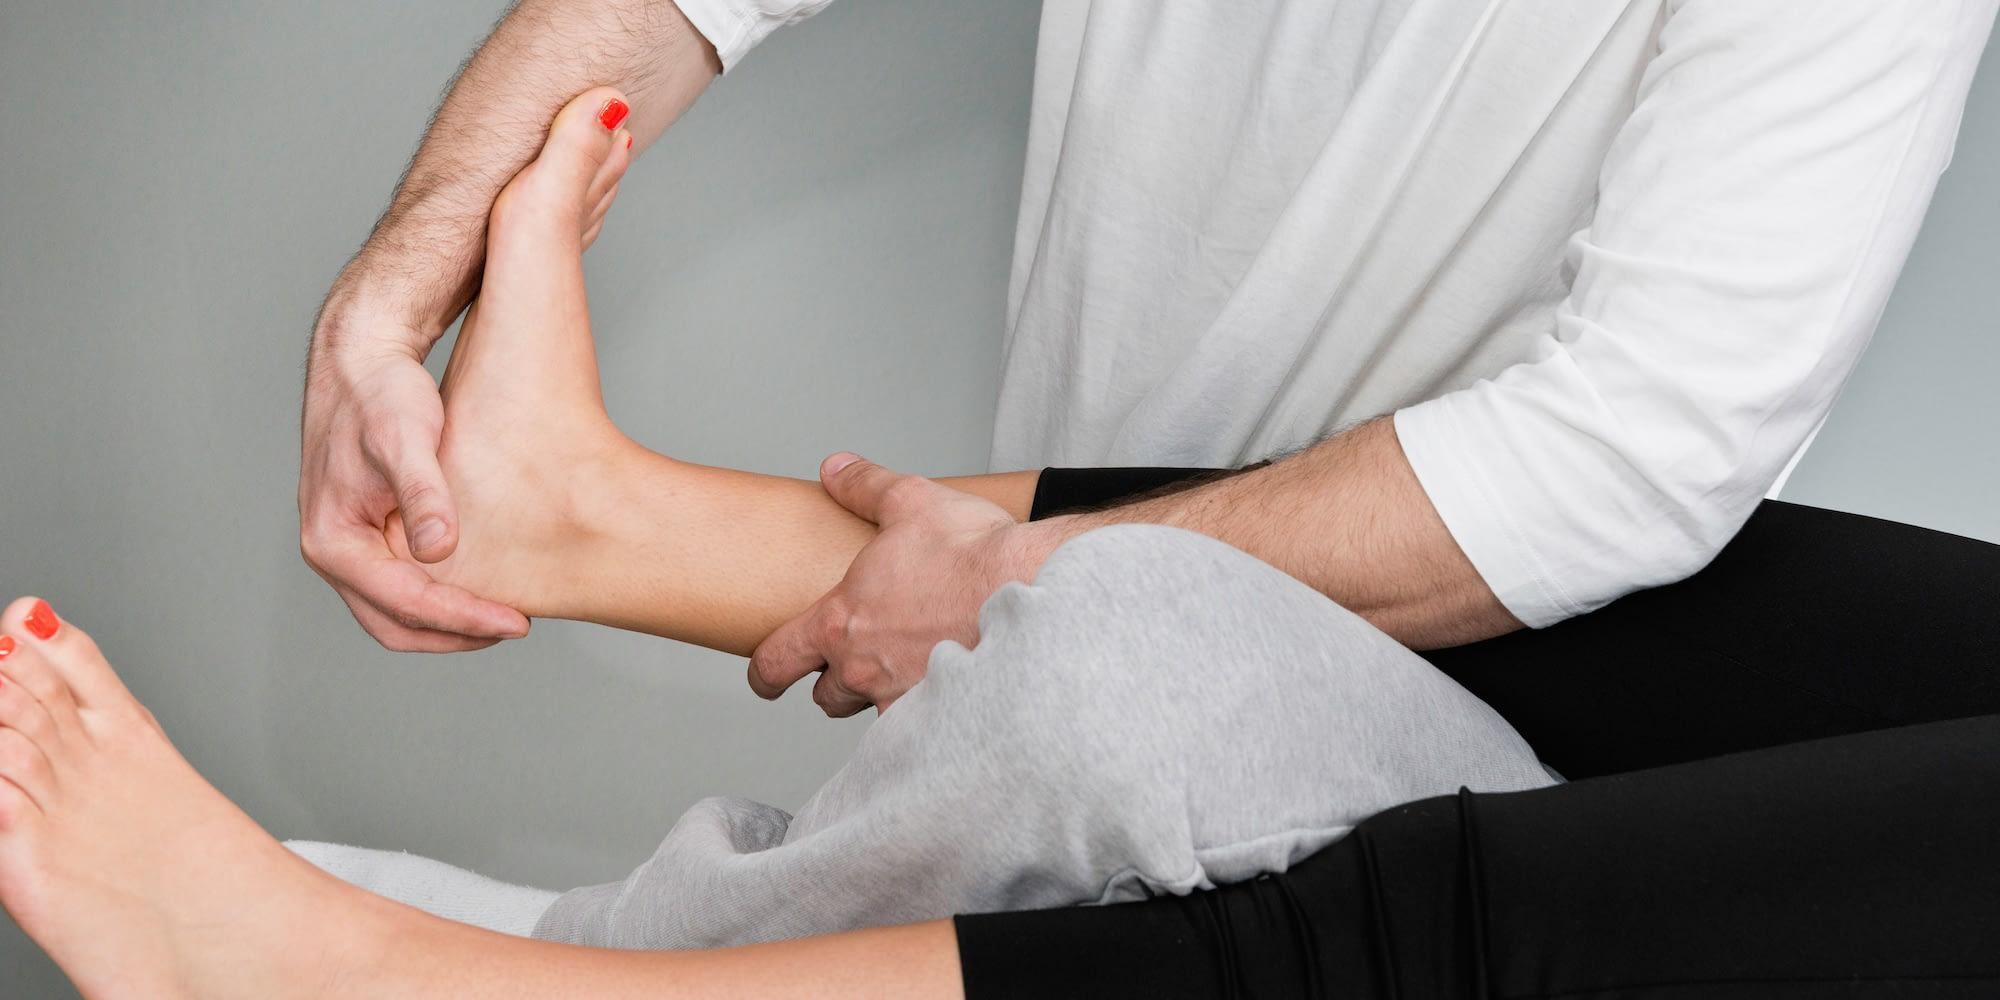 chiropractic doctors